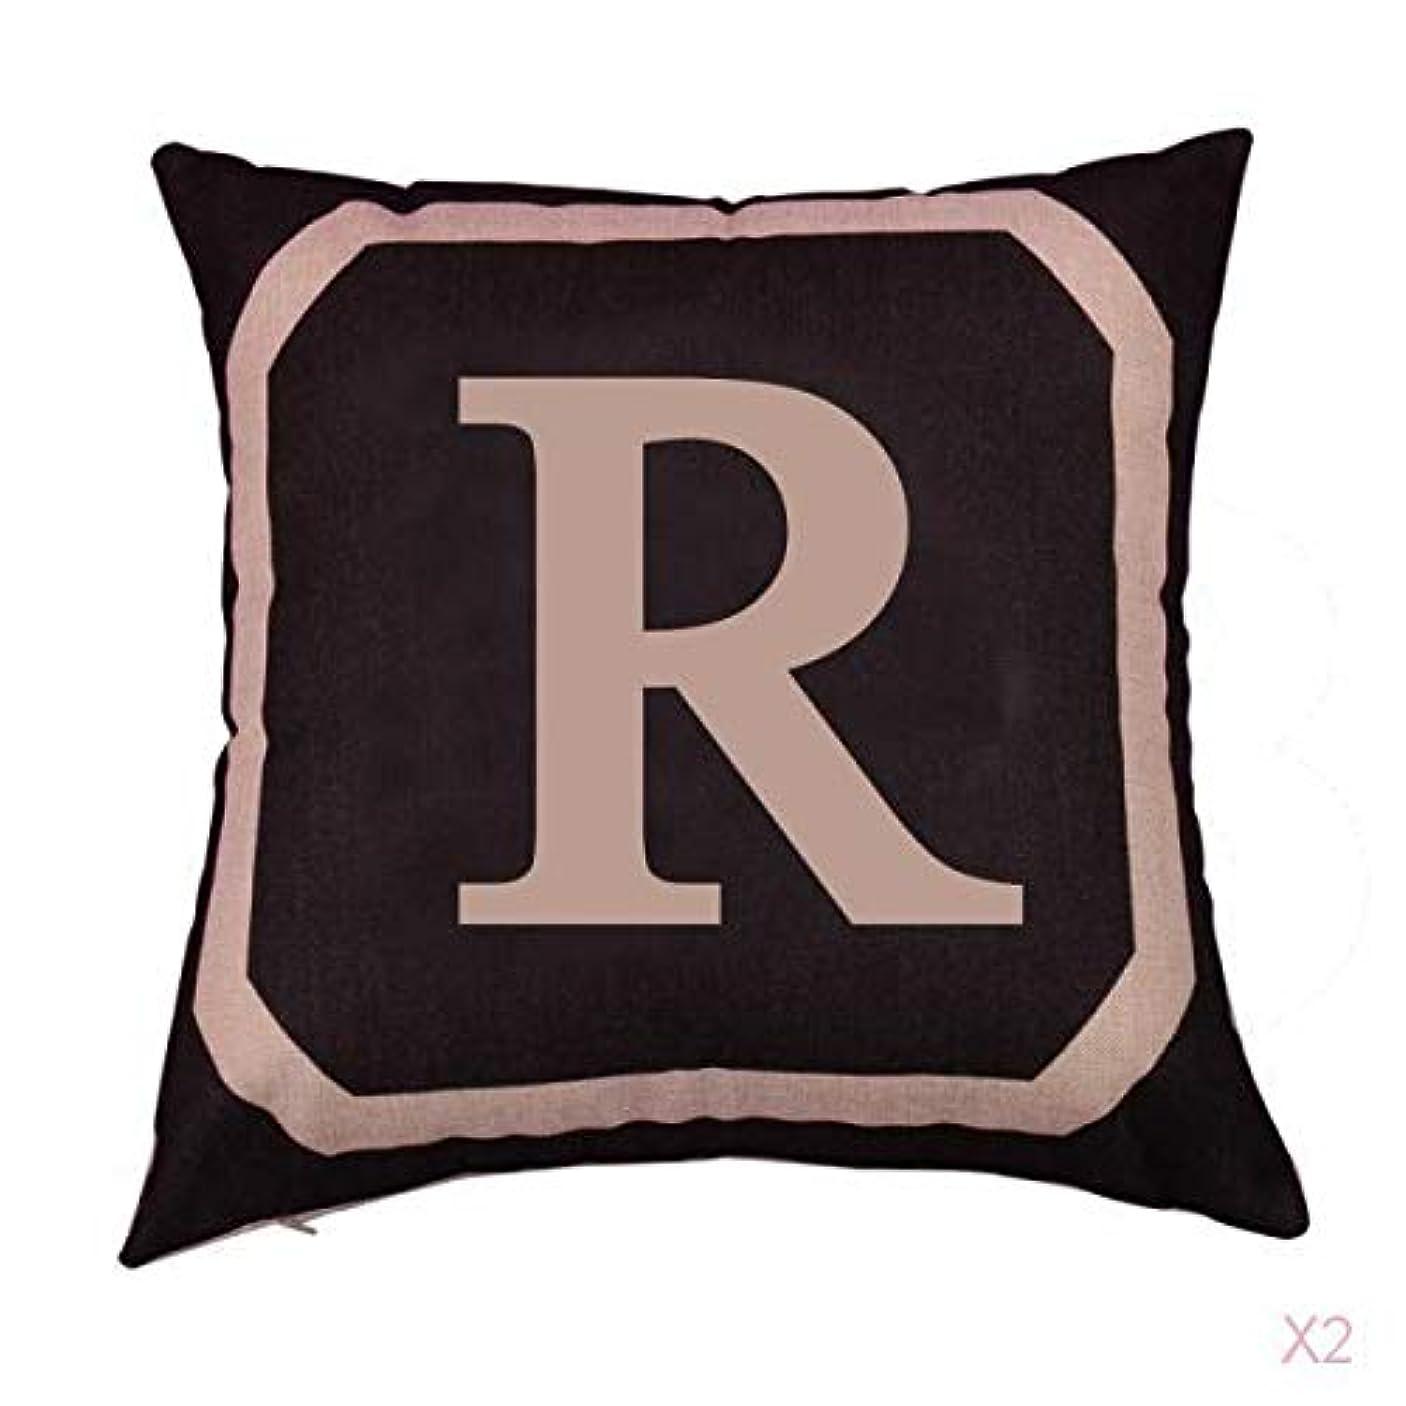 粘液オピエートホスト正方形の綿のリネンスローピローケース腰クッションカバーベッドソファ装飾rを